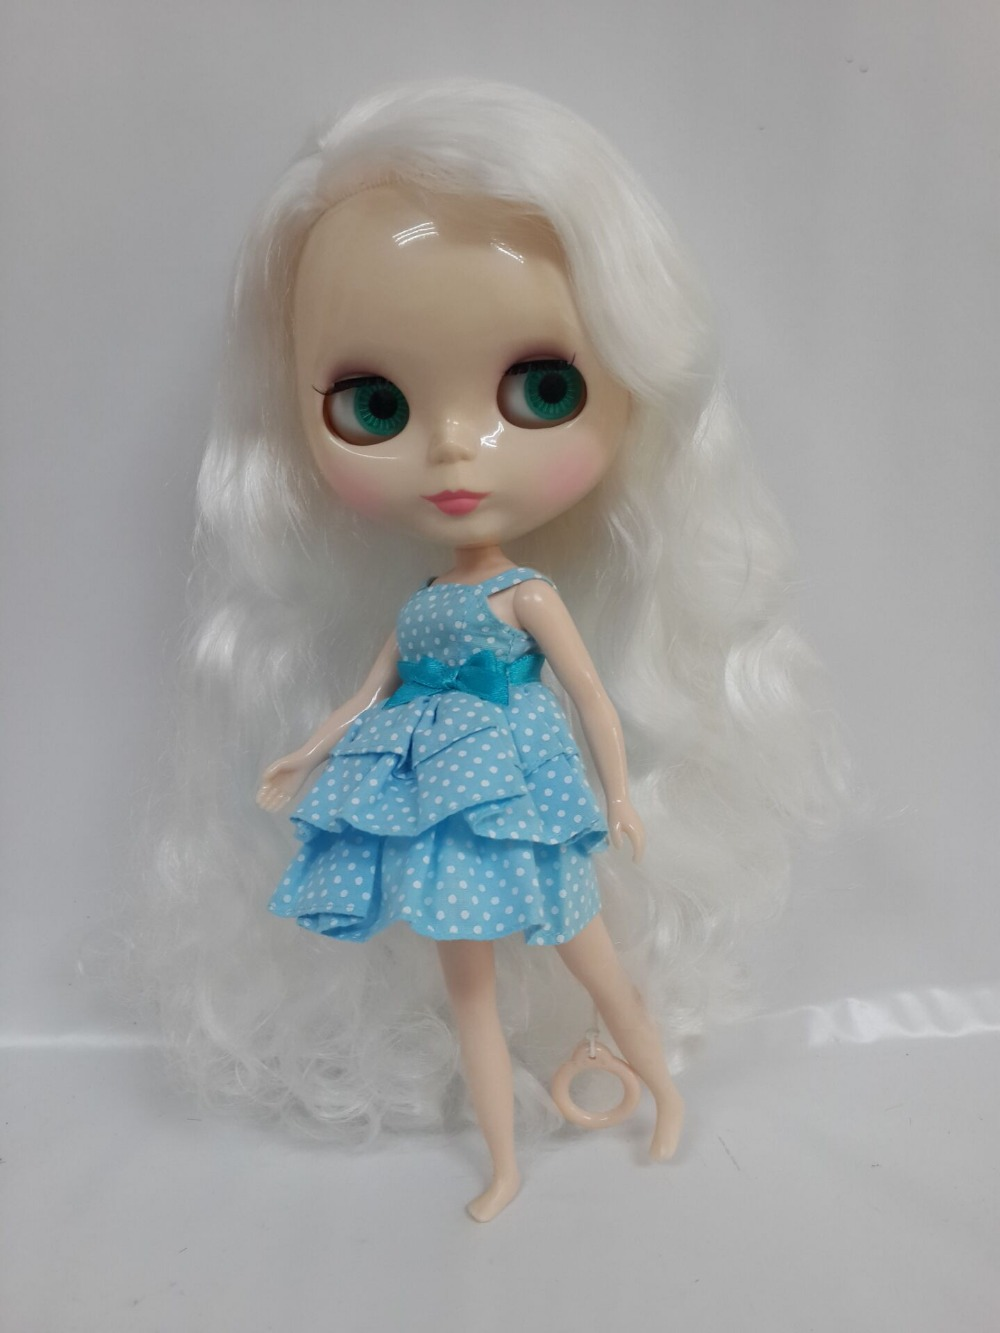 White hair doll Blyth girl doll for DIY customs WISO62